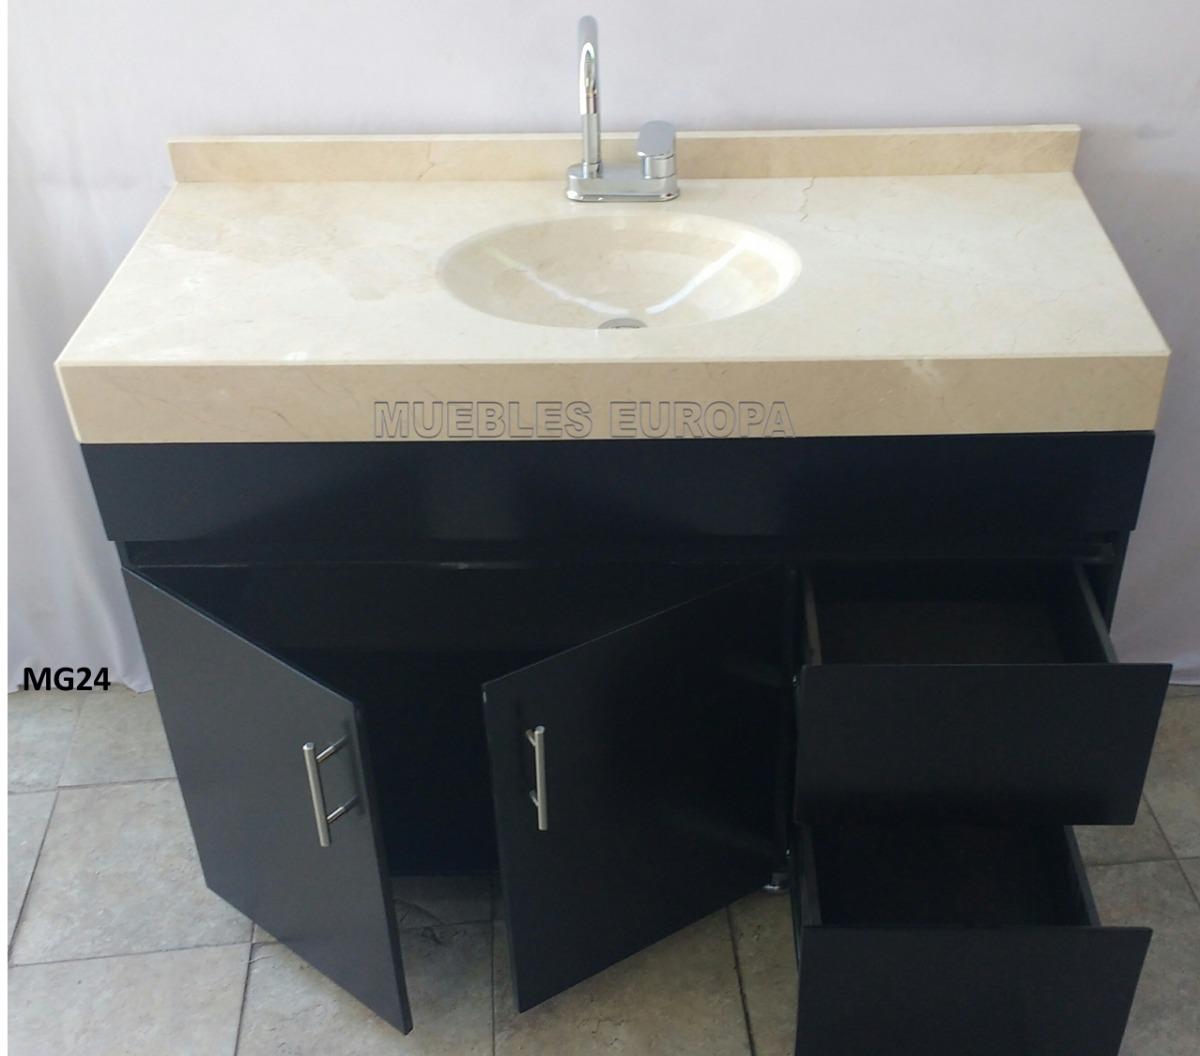 Mueble de ba o con lavabo marmol todo listo para instalar for Mueble bano con lavabo